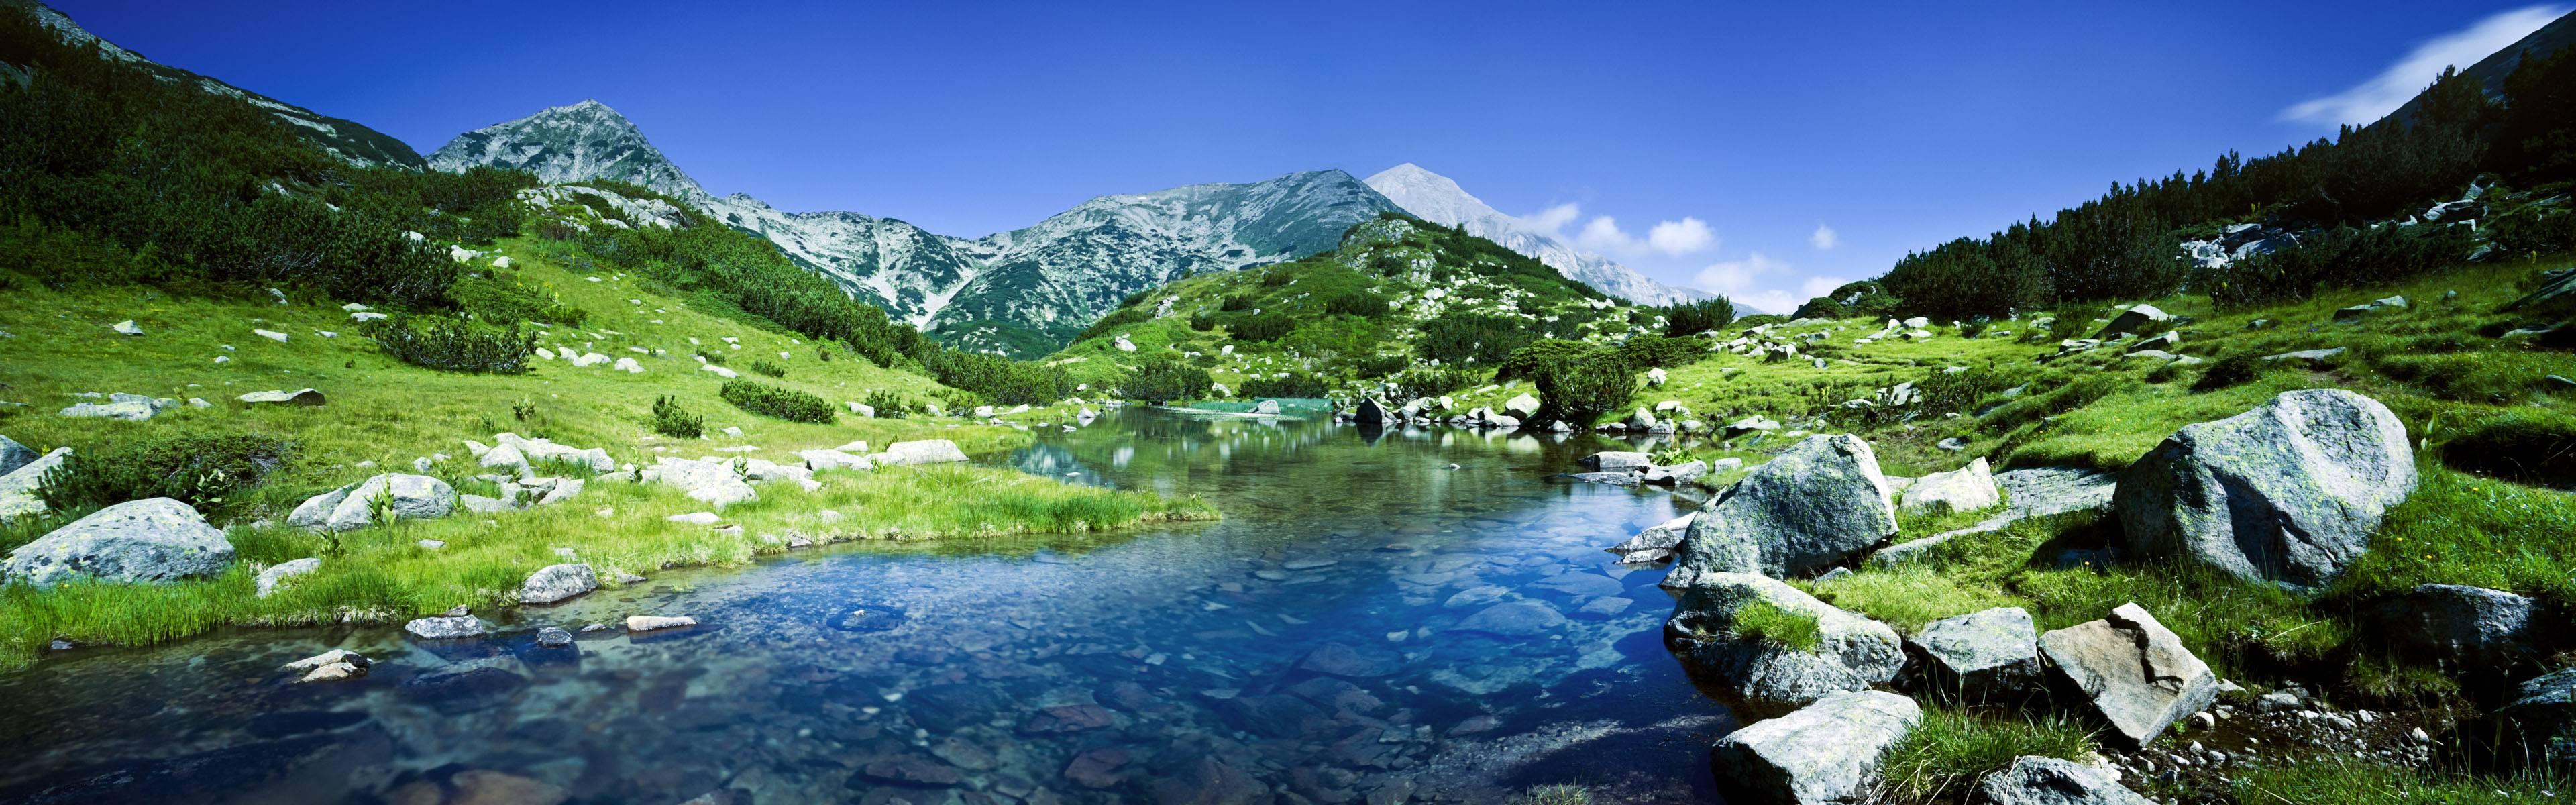 skachat-panoramnye-oboi-dlya-ios-7-pejzazhi